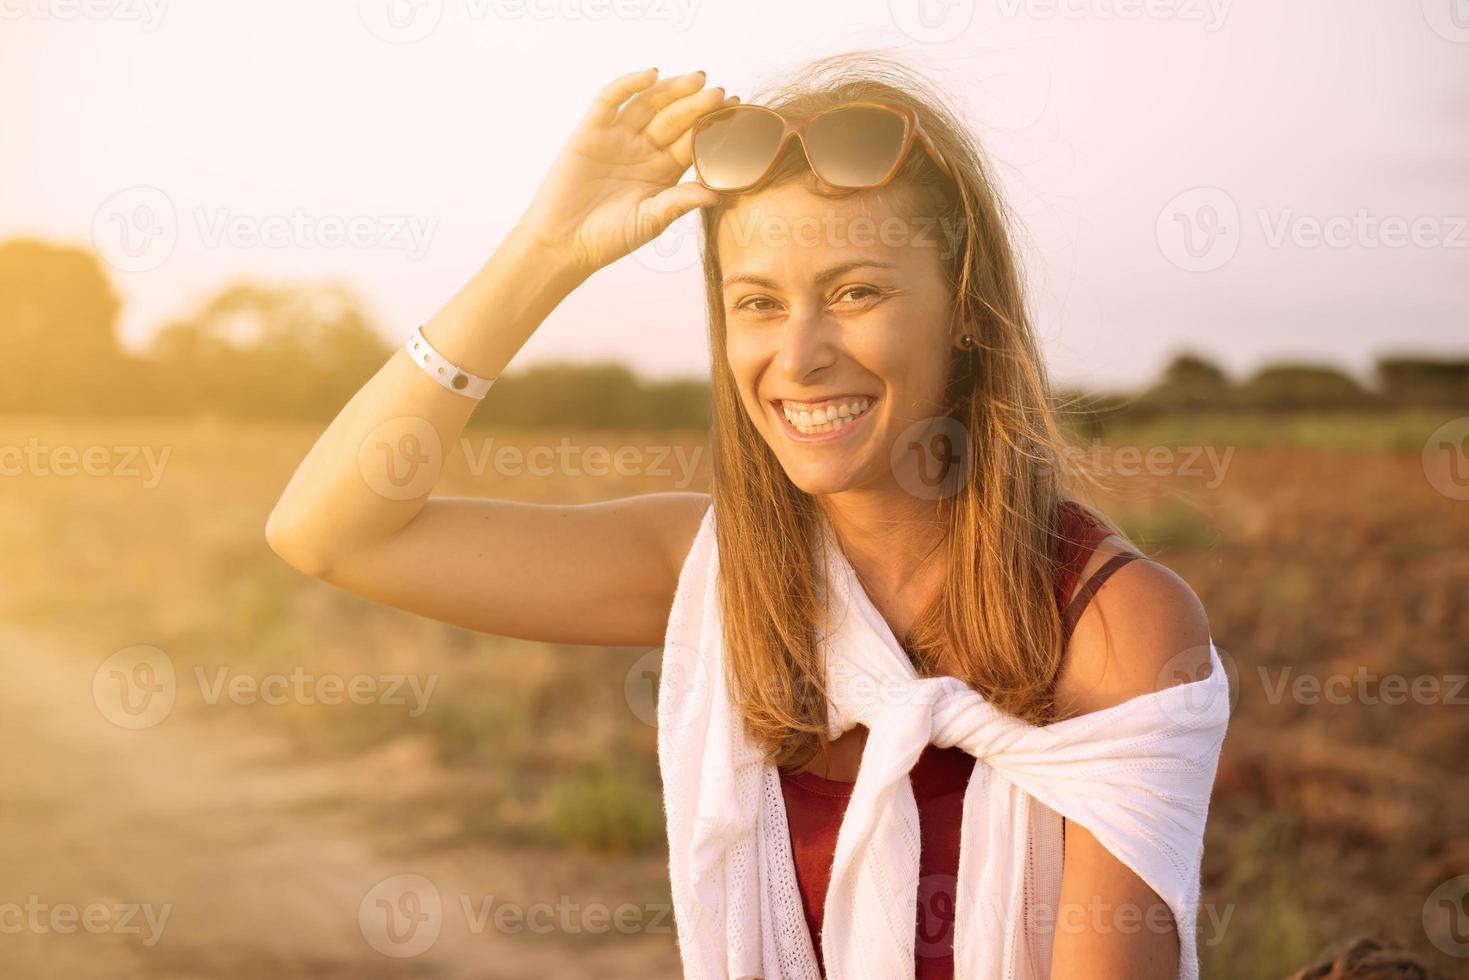 jovem de óculos rindo no outono foto